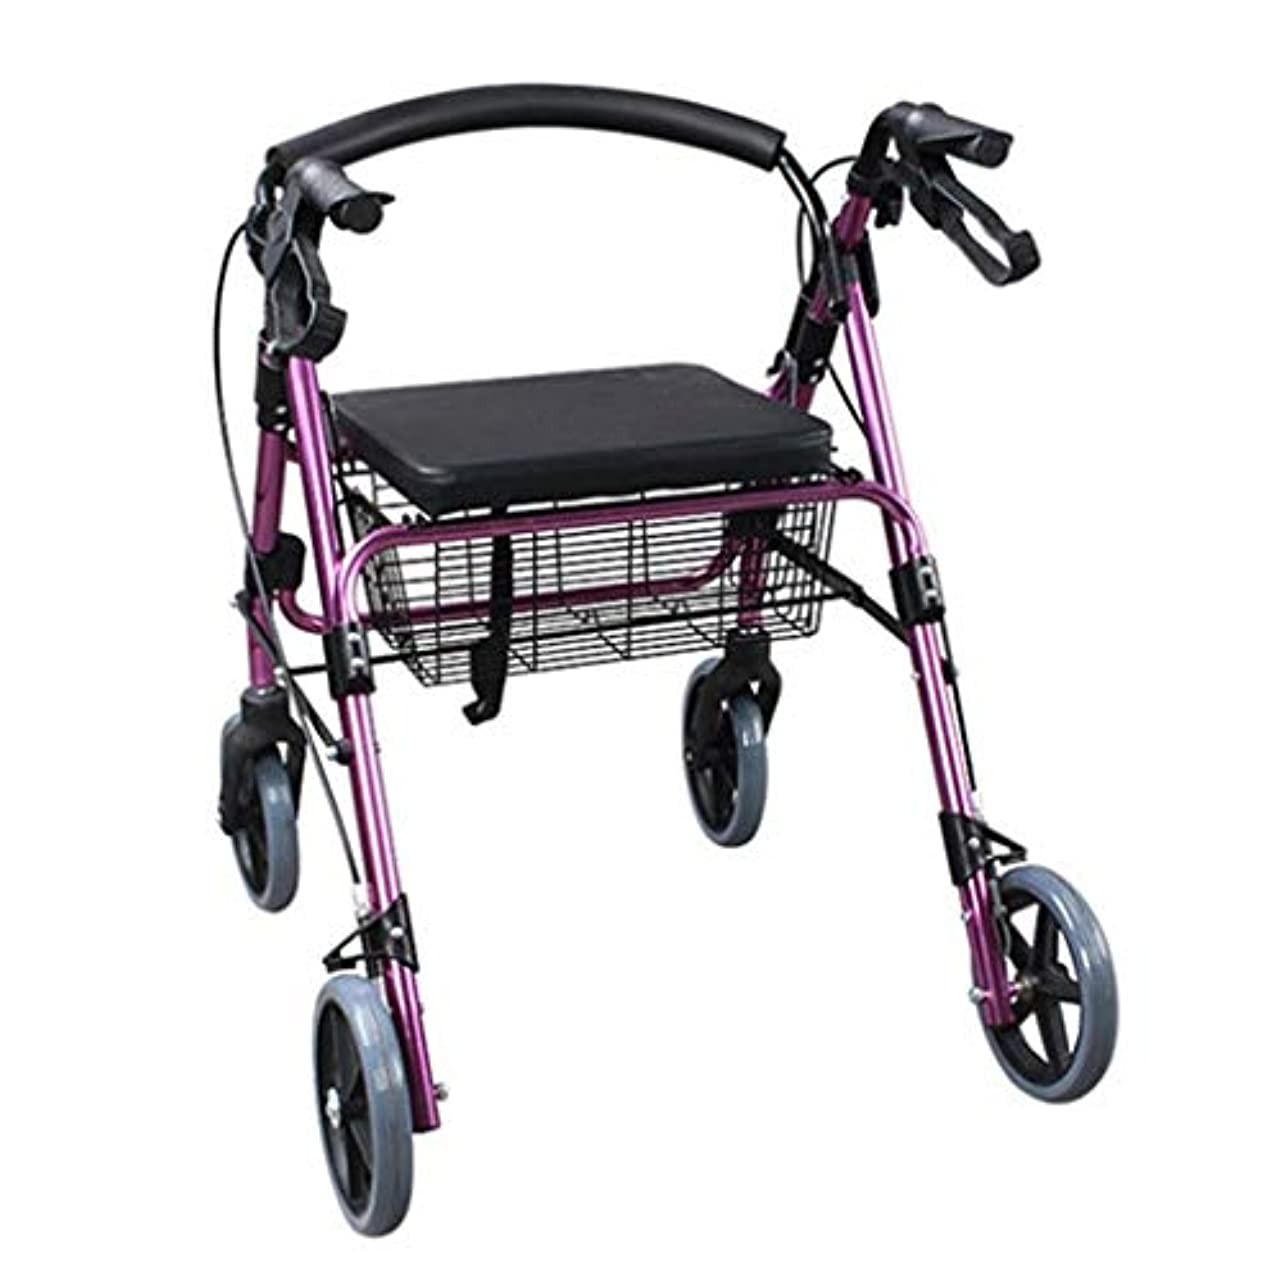 衣類それら含意折り畳み式の携帯用歩行器の補助歩行者の4つの車輪のショッピングカートのハンドブレーキが付いている頑丈な歩行者